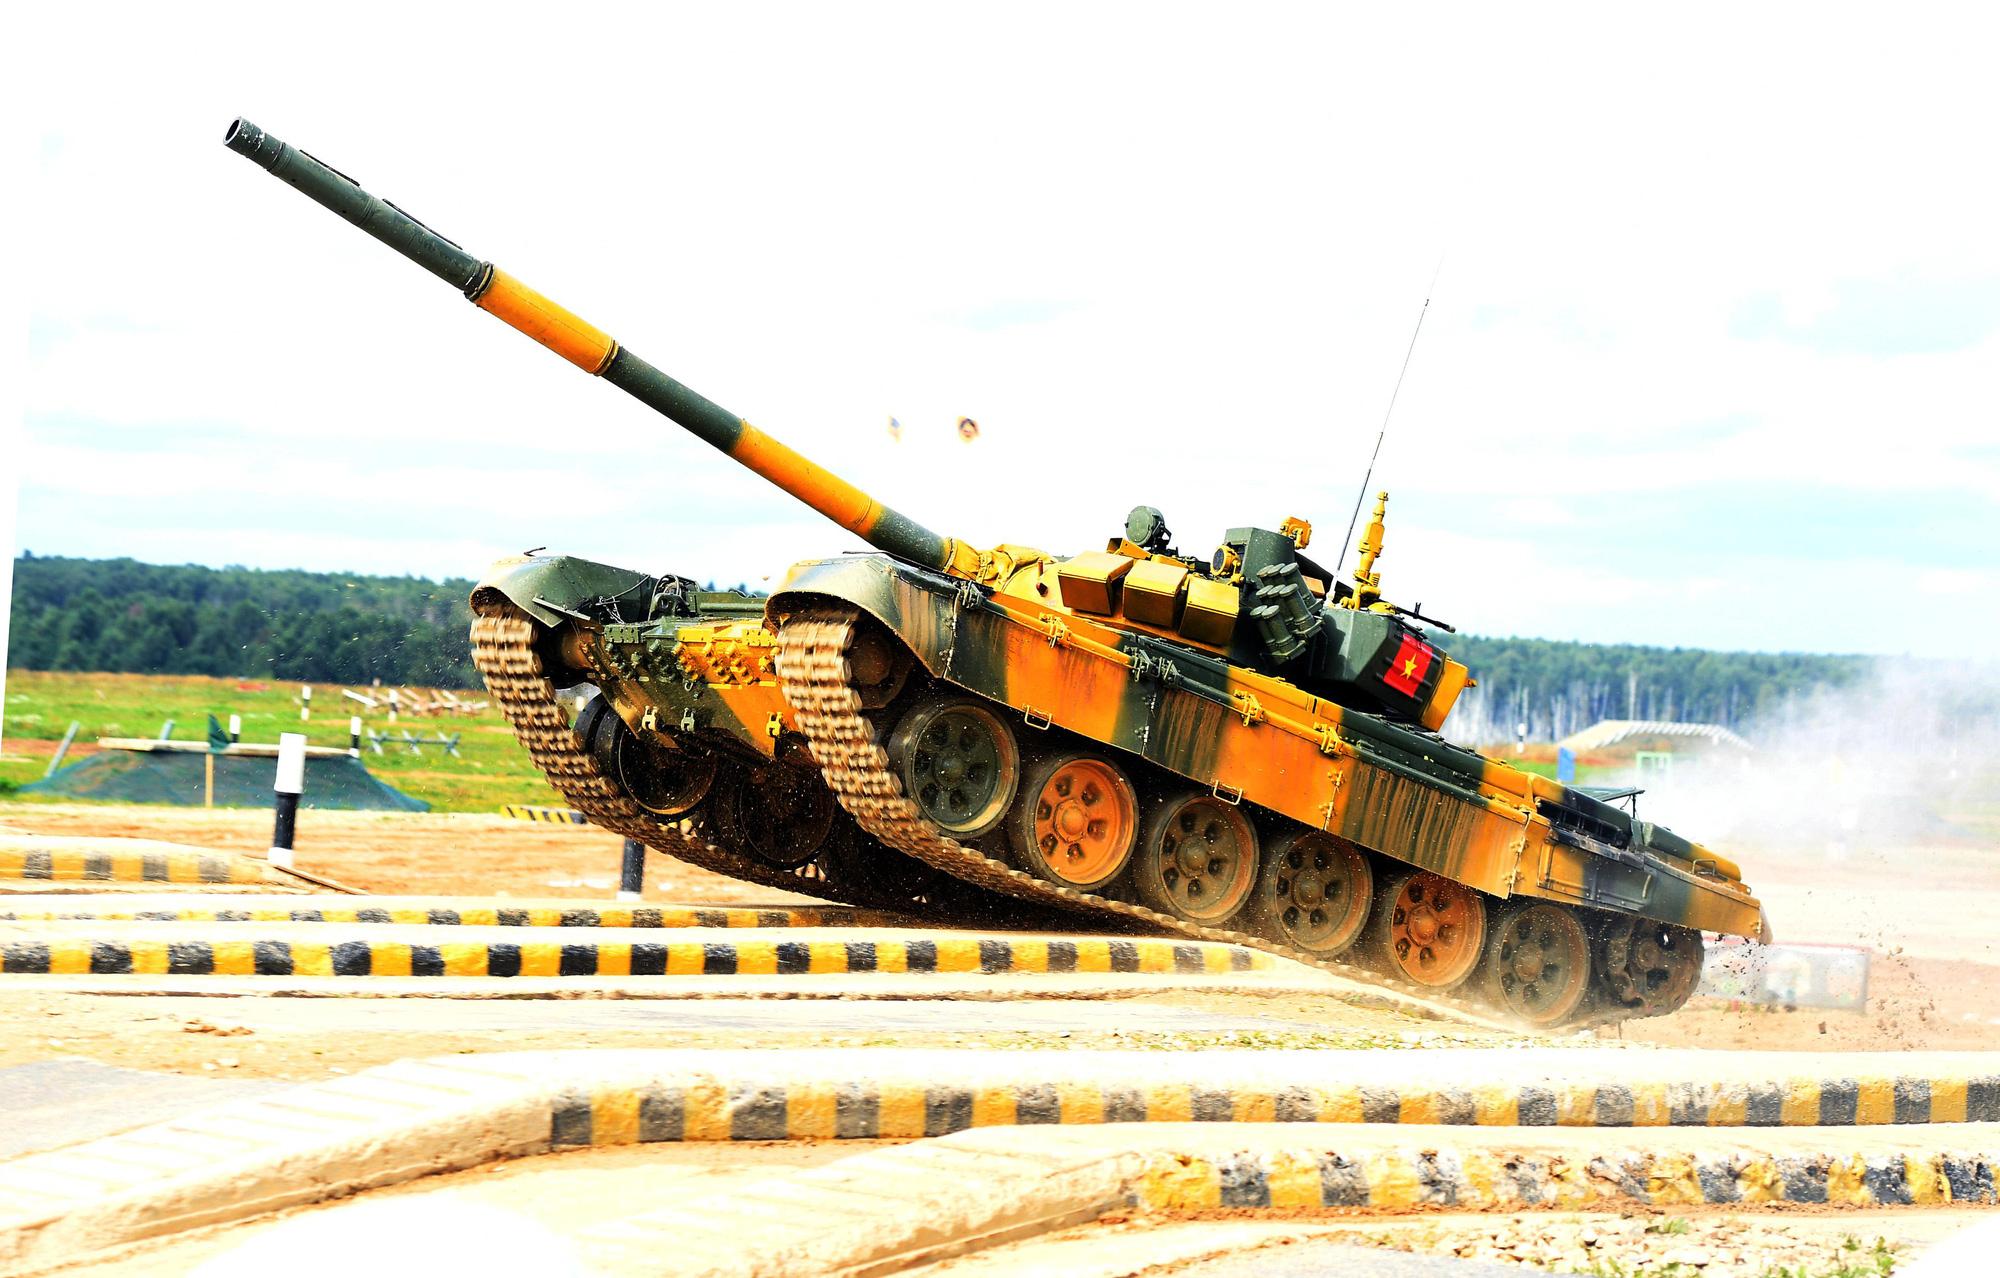 Hình ảnh xe tăng Việt Nam hùng dũng thi đấu ở trận 2 Tank Biathlon - Army Games 2020 - Ảnh 2.